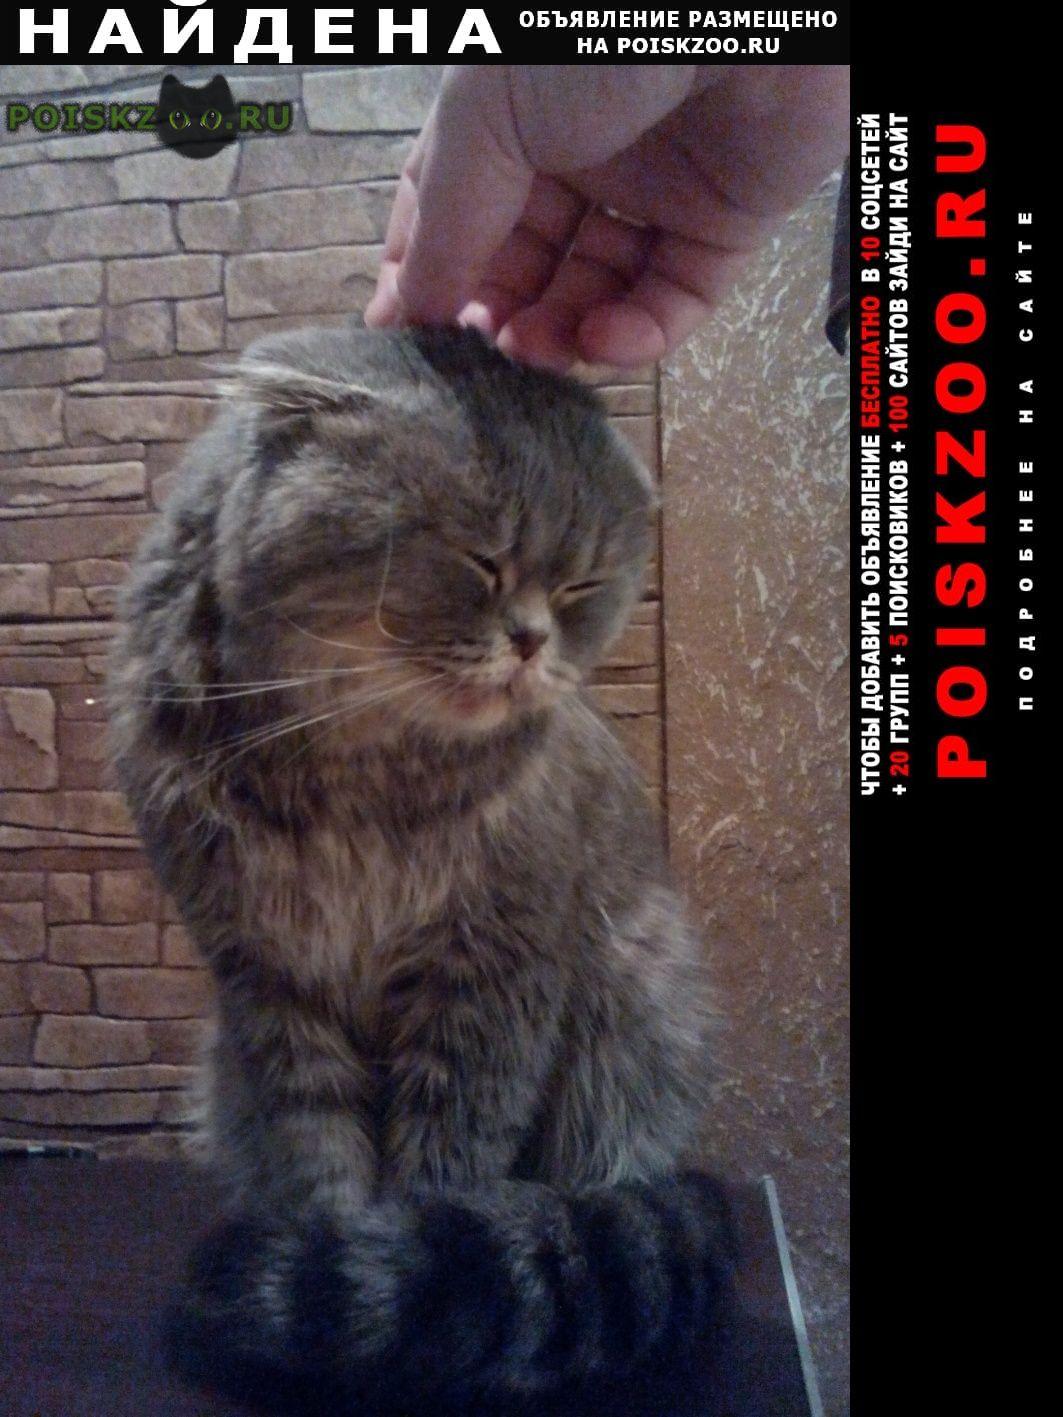 Найден кот г.Пенза